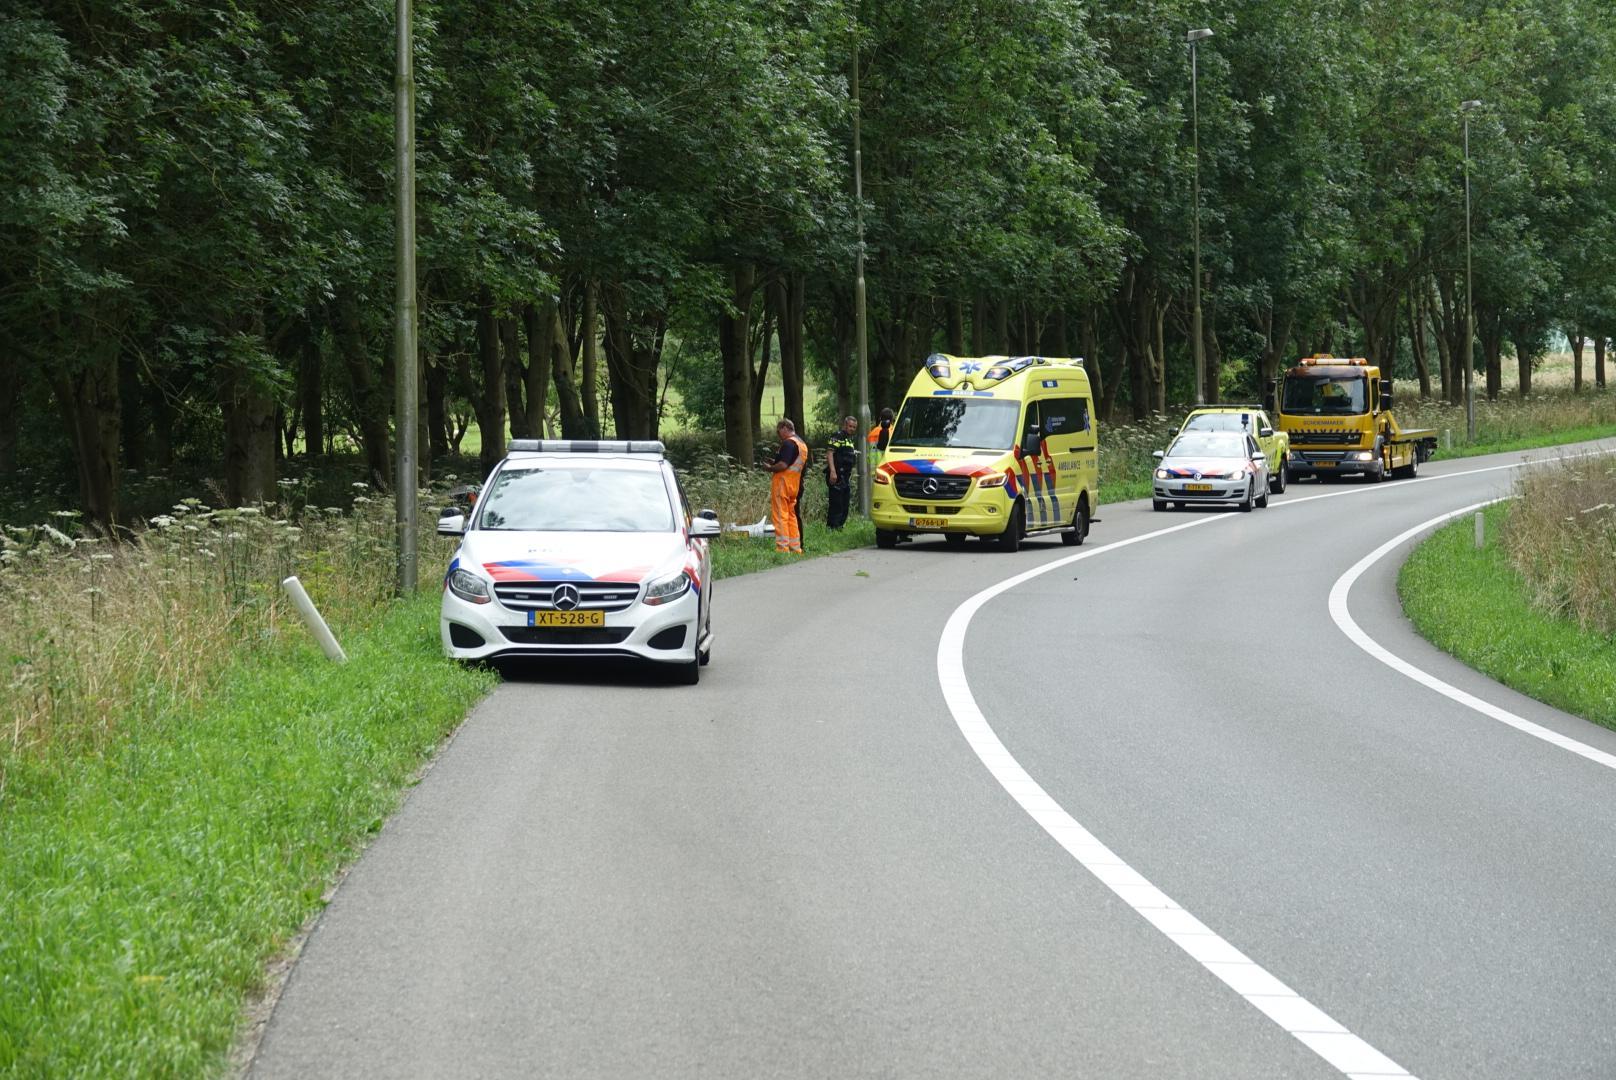 Auto vliegt uit de bocht op A7 bij Purmerend, bestuurder gewond